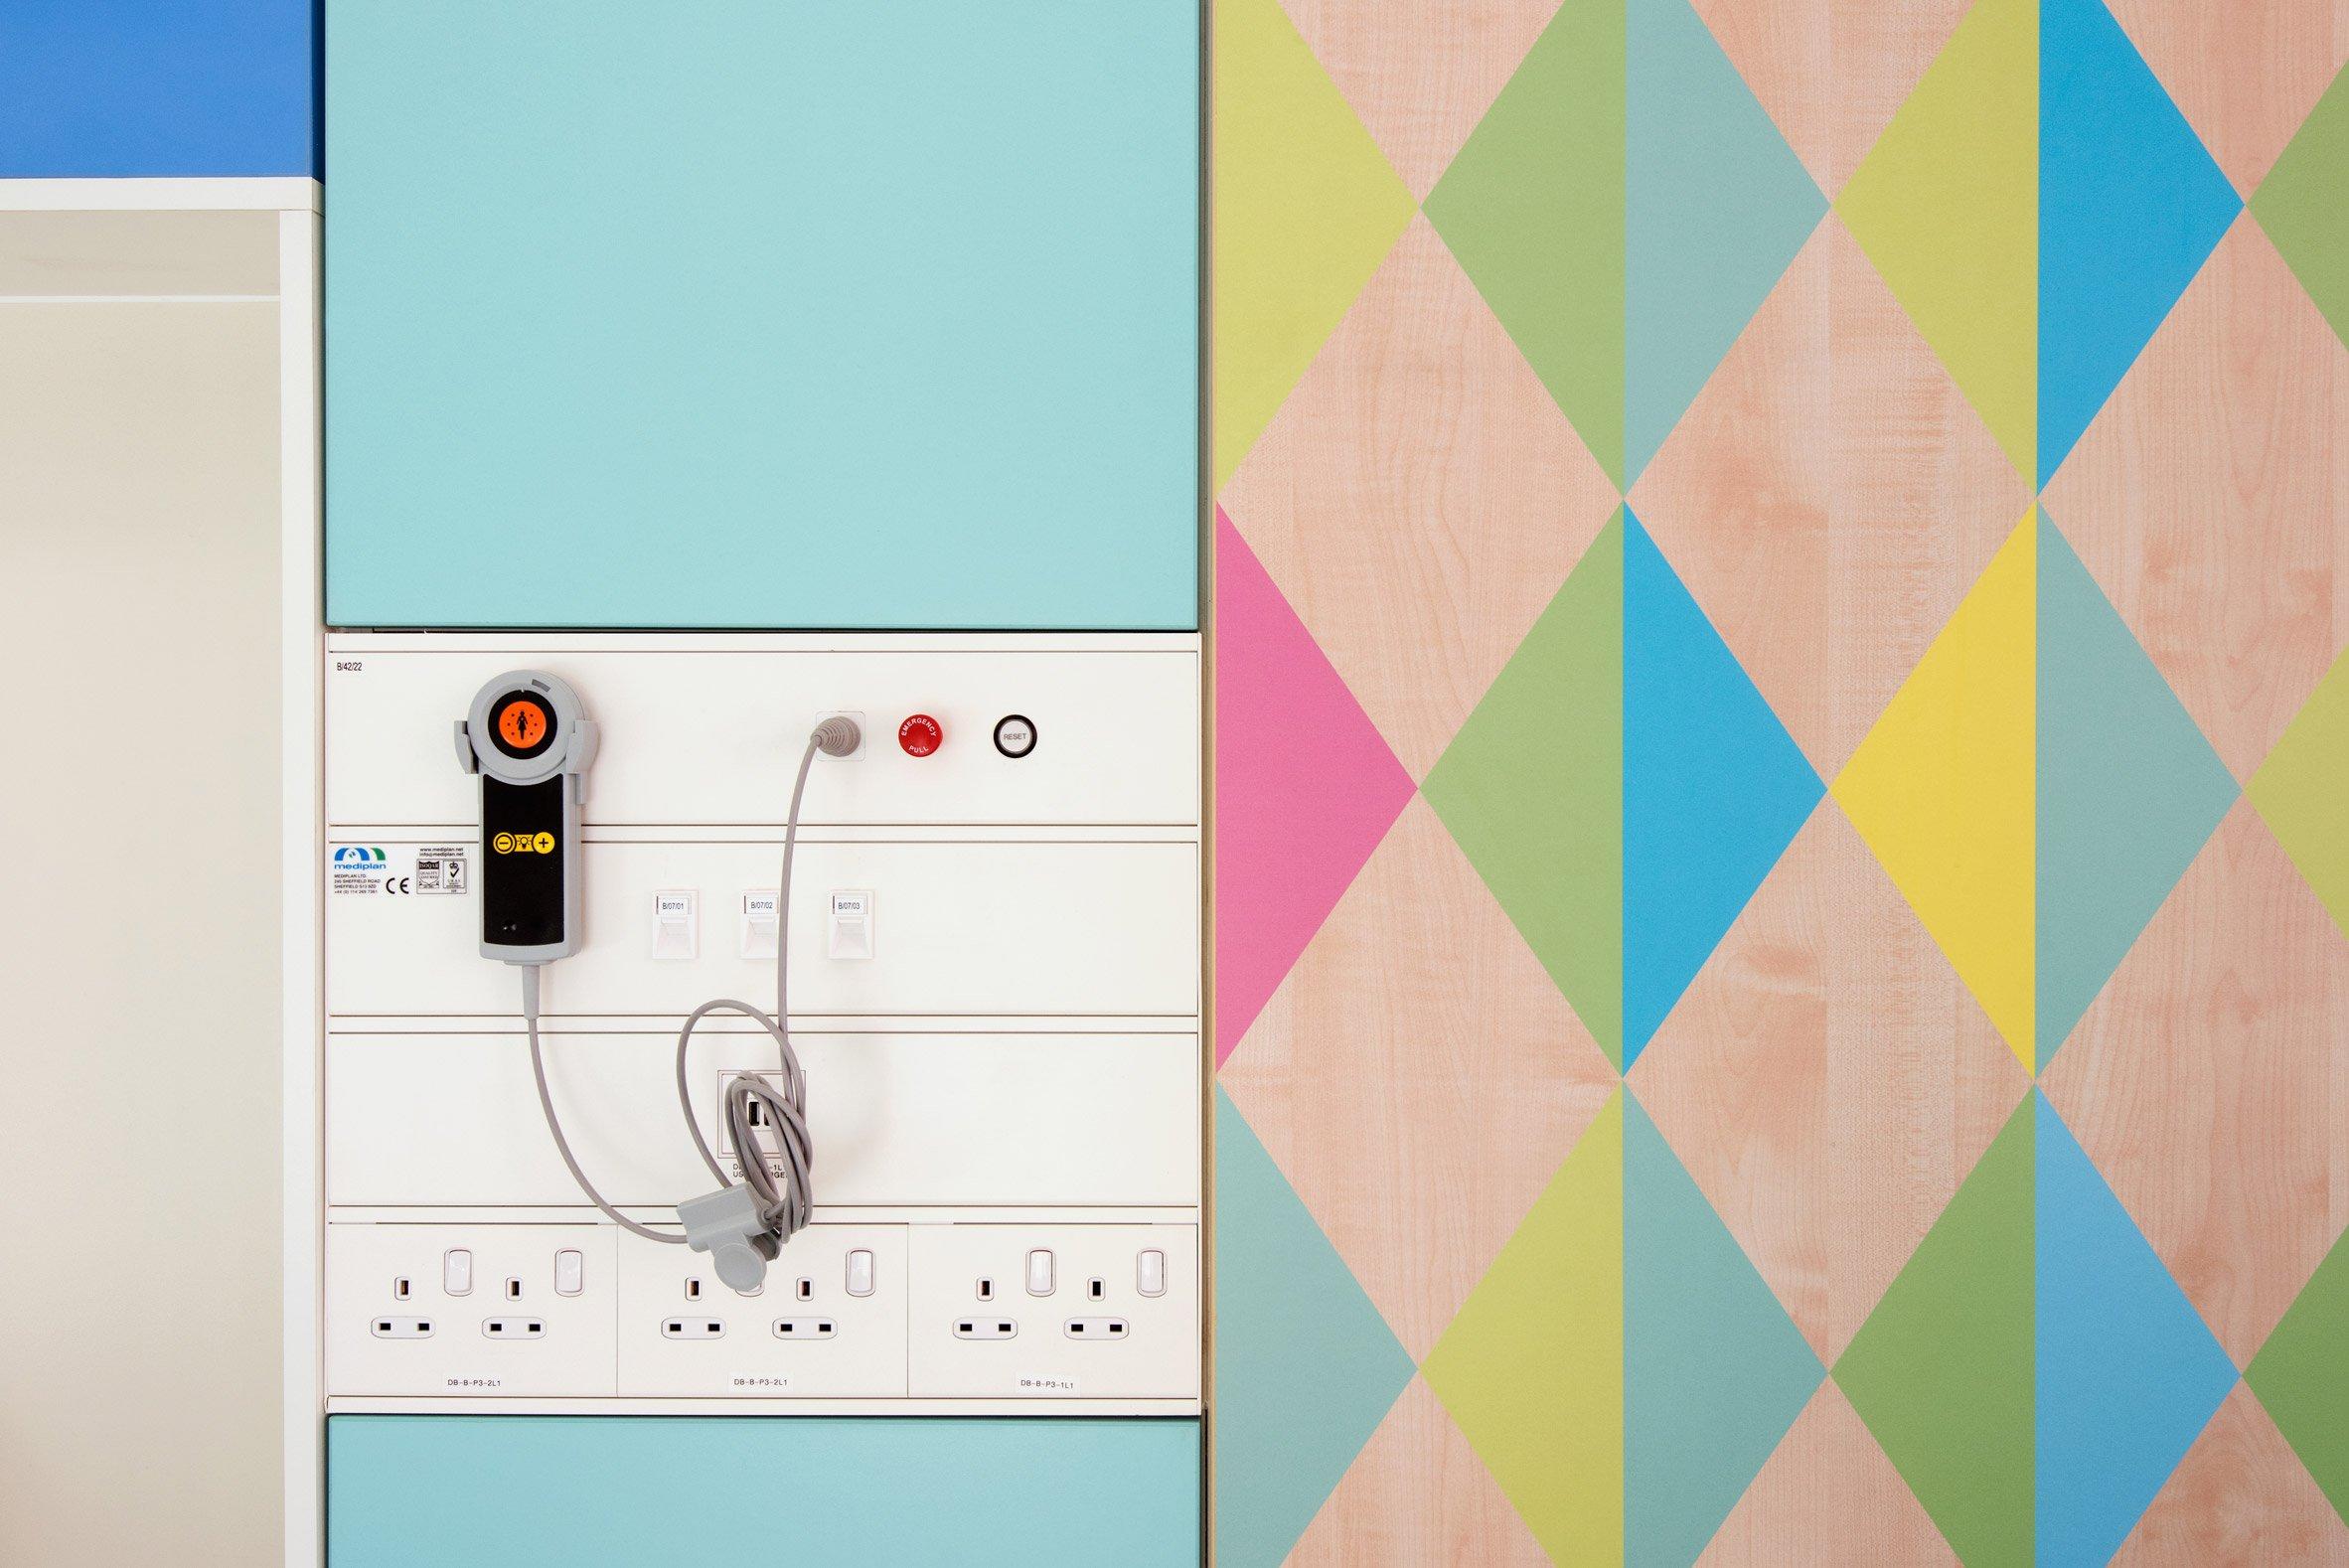 Colourful healthcare design